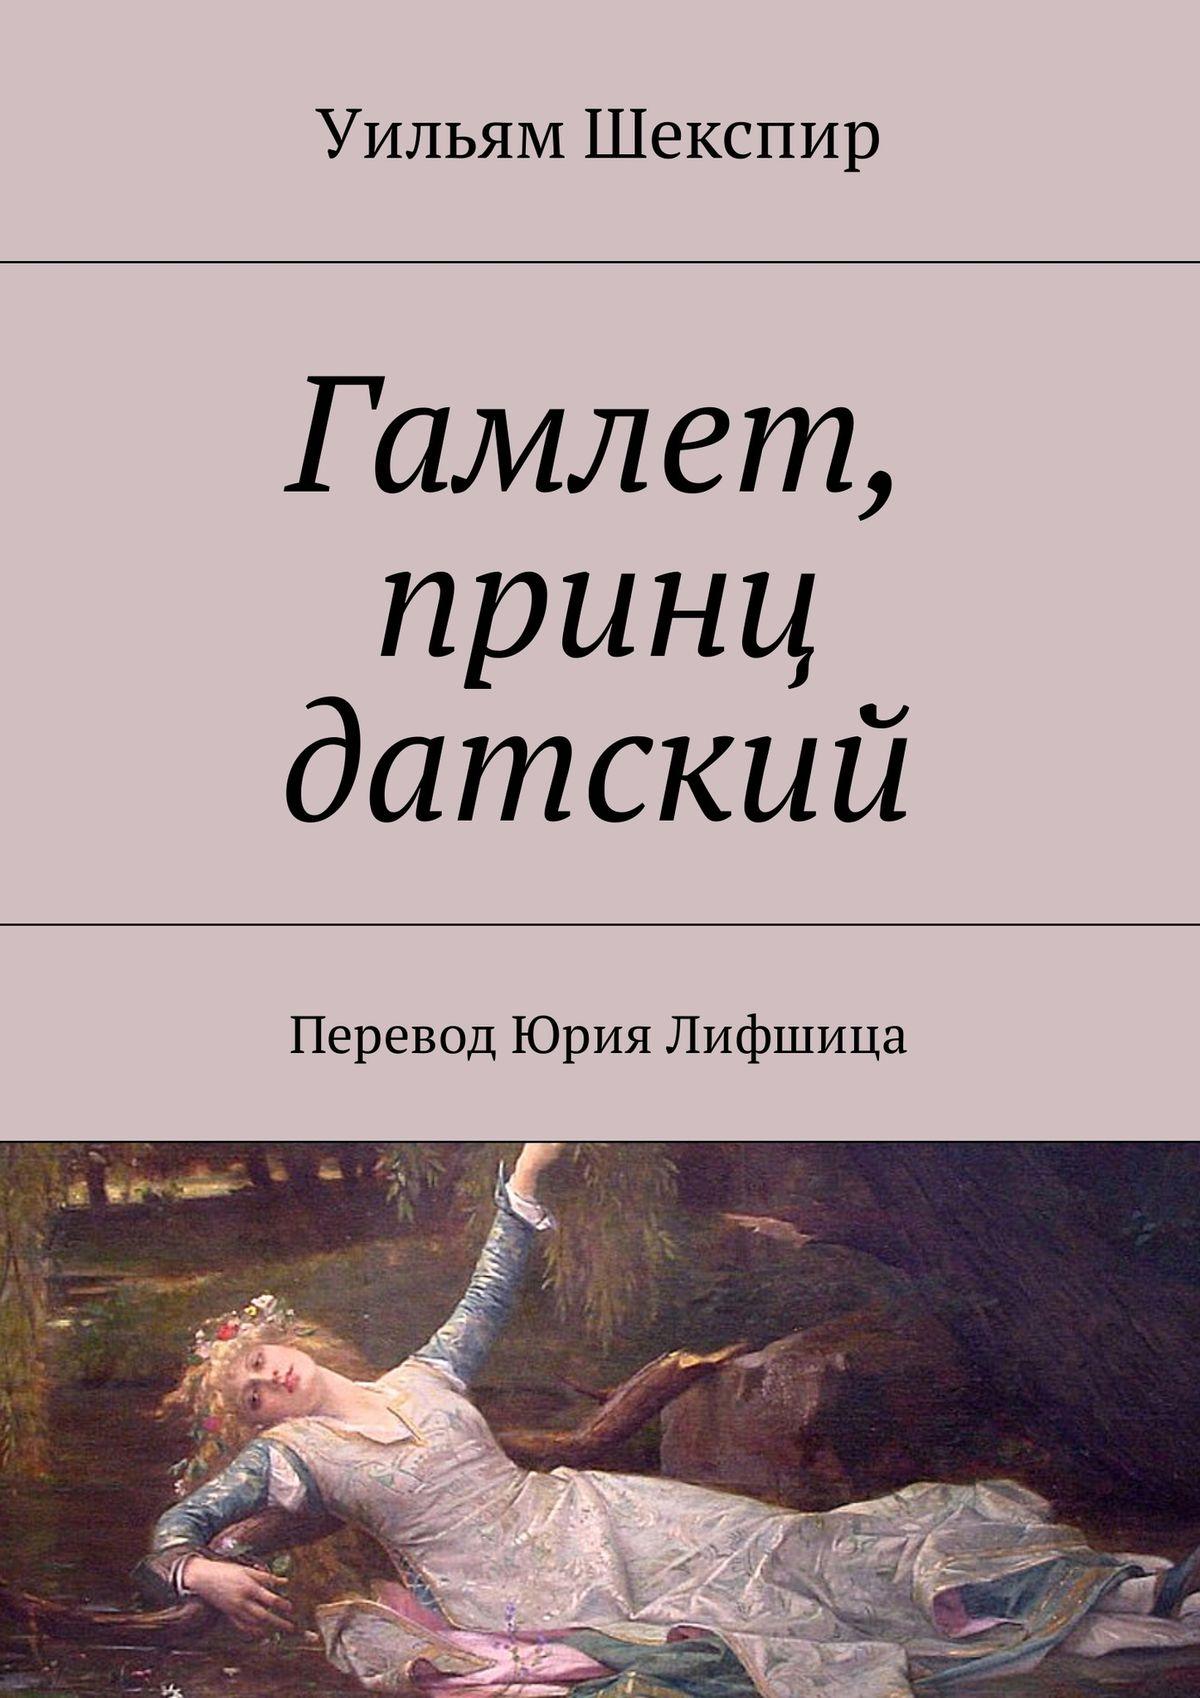 Уильям Шекспир Гамлет, принц датский. Перевод Юрия Лифшица вильям шекспир как вам это понравится много шума из ничего двенадцатая ночь перевод юрия лифшица